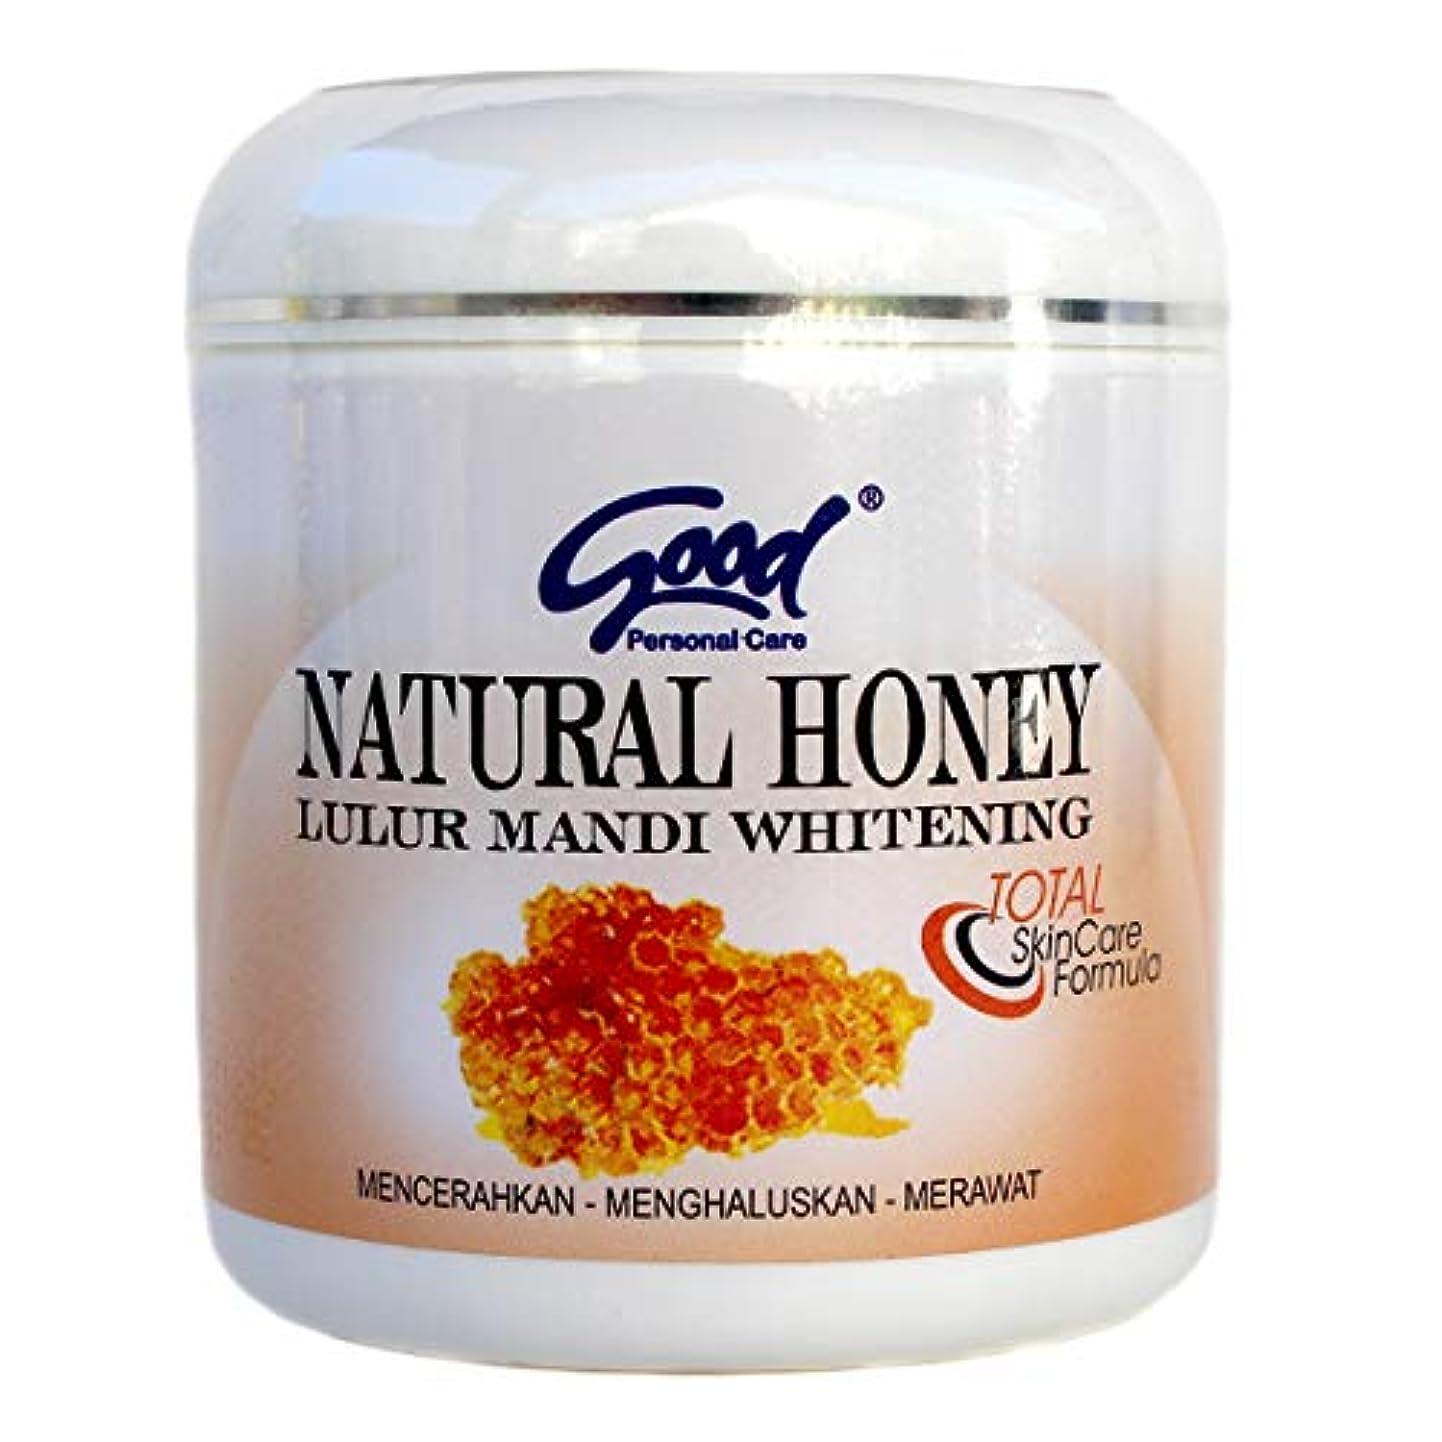 good グッド インドネシアバリ島の伝統的なボディスクラブ Lulur Mandi マンディルルール 200g Natural Honey ナチュラルハニー [海外直送品]